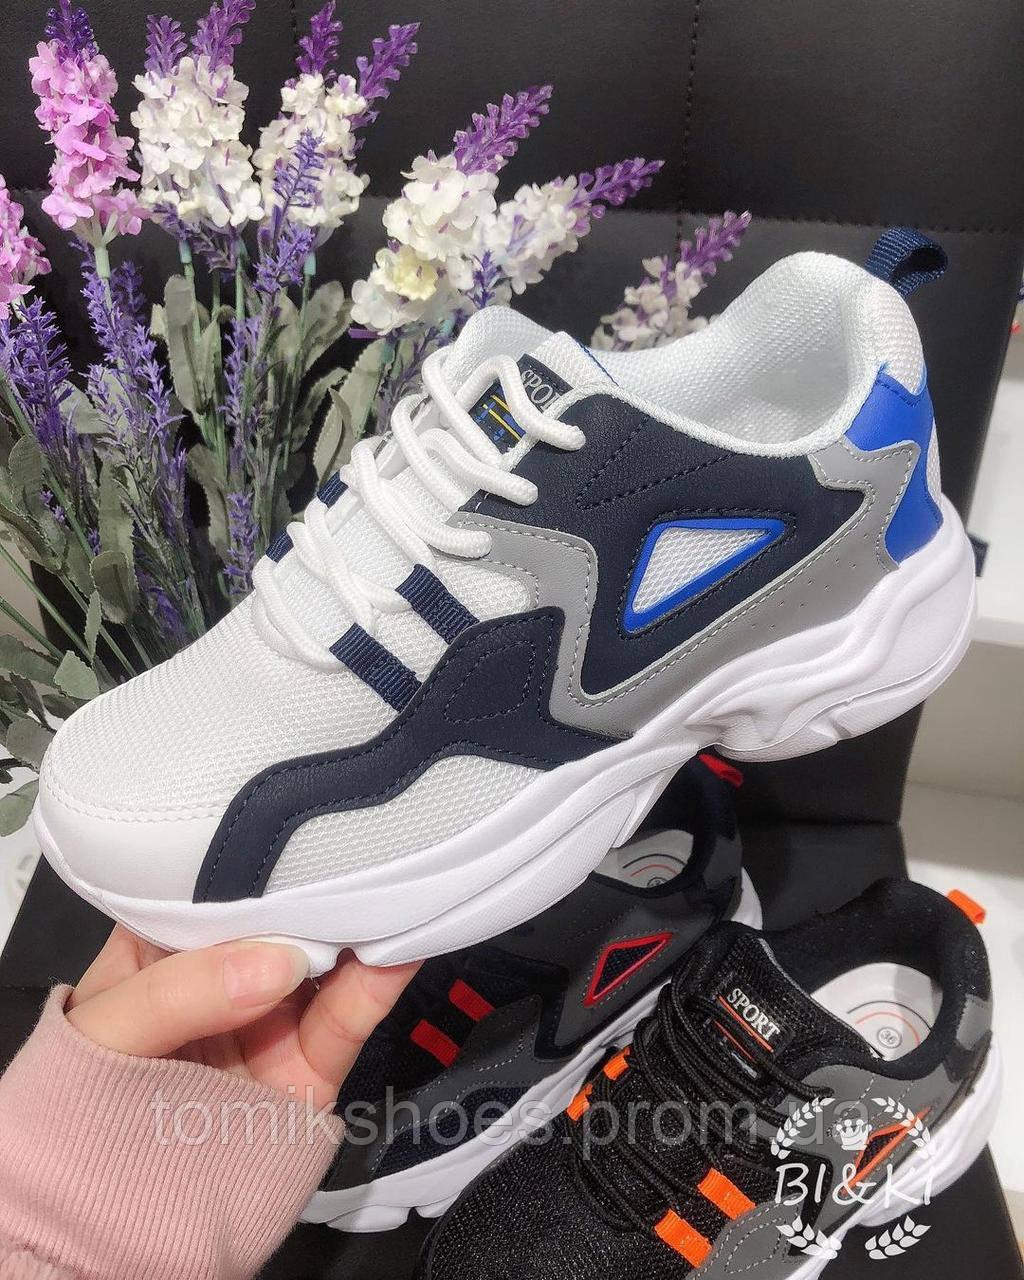 Кросівки для хлопчика Bi&Ki 0807D. 36-41 розміри. НОВИНКА 2021